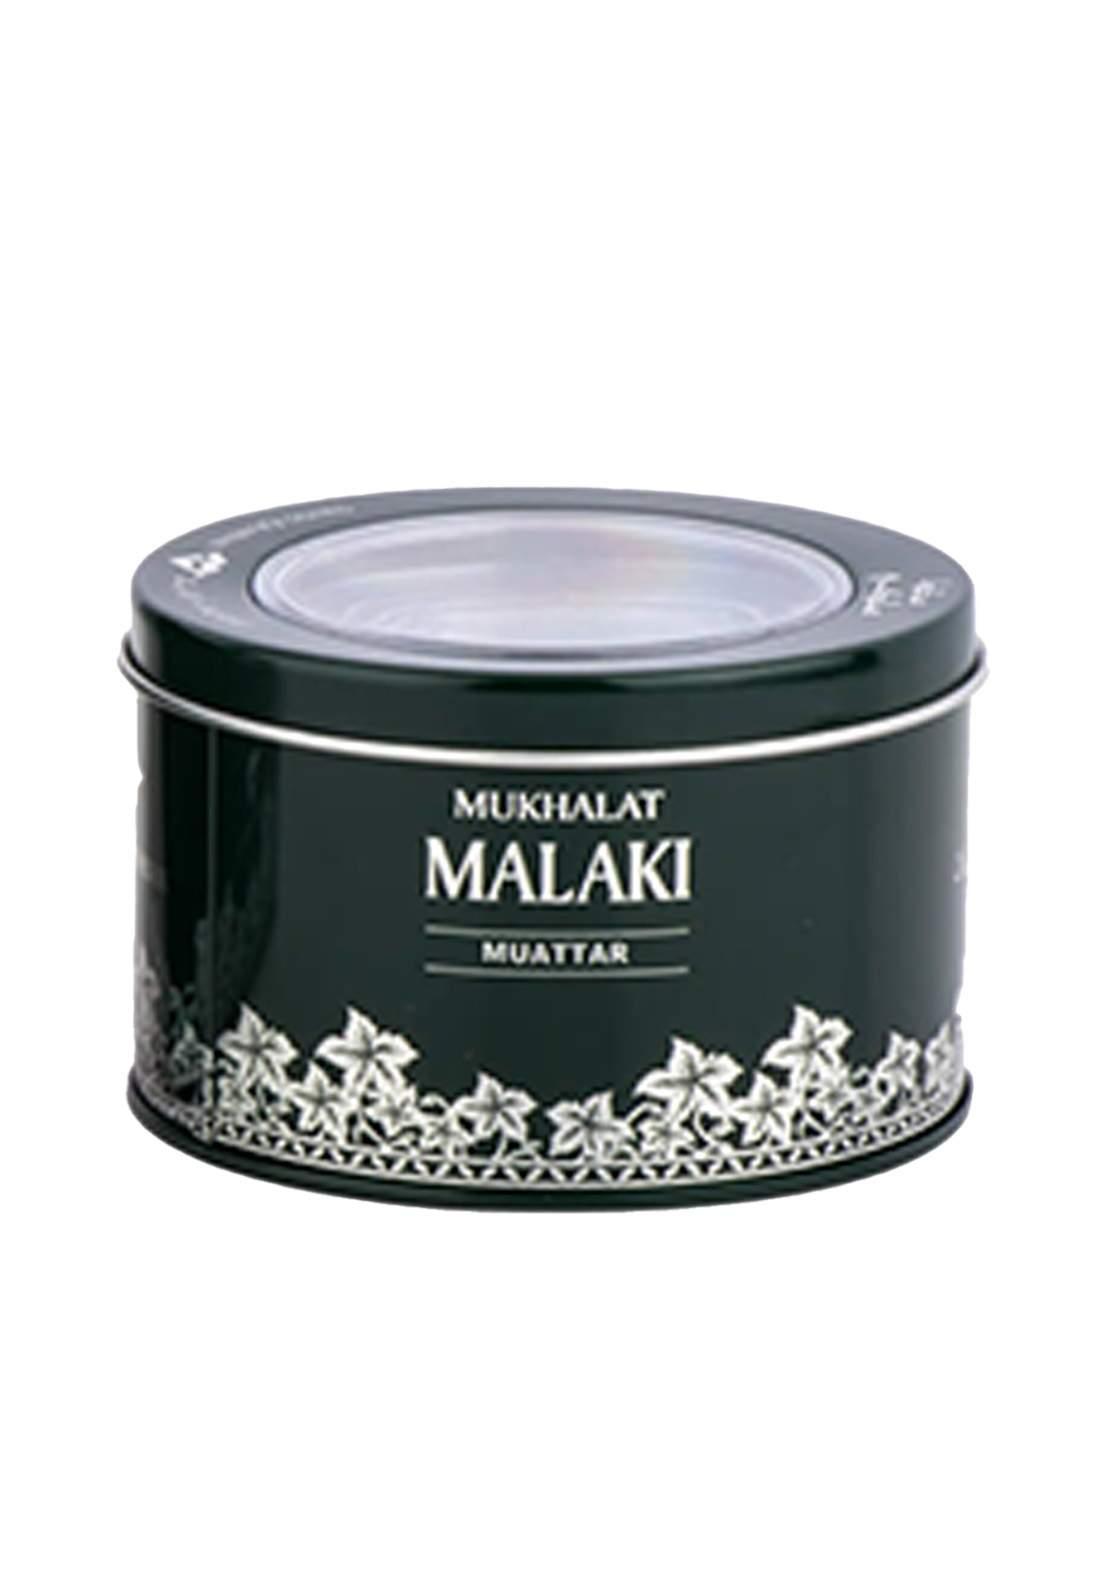 Swiss Arabian 380 Mukhalat Malaki  24 g Long Lasting Oud Wood عطر العود